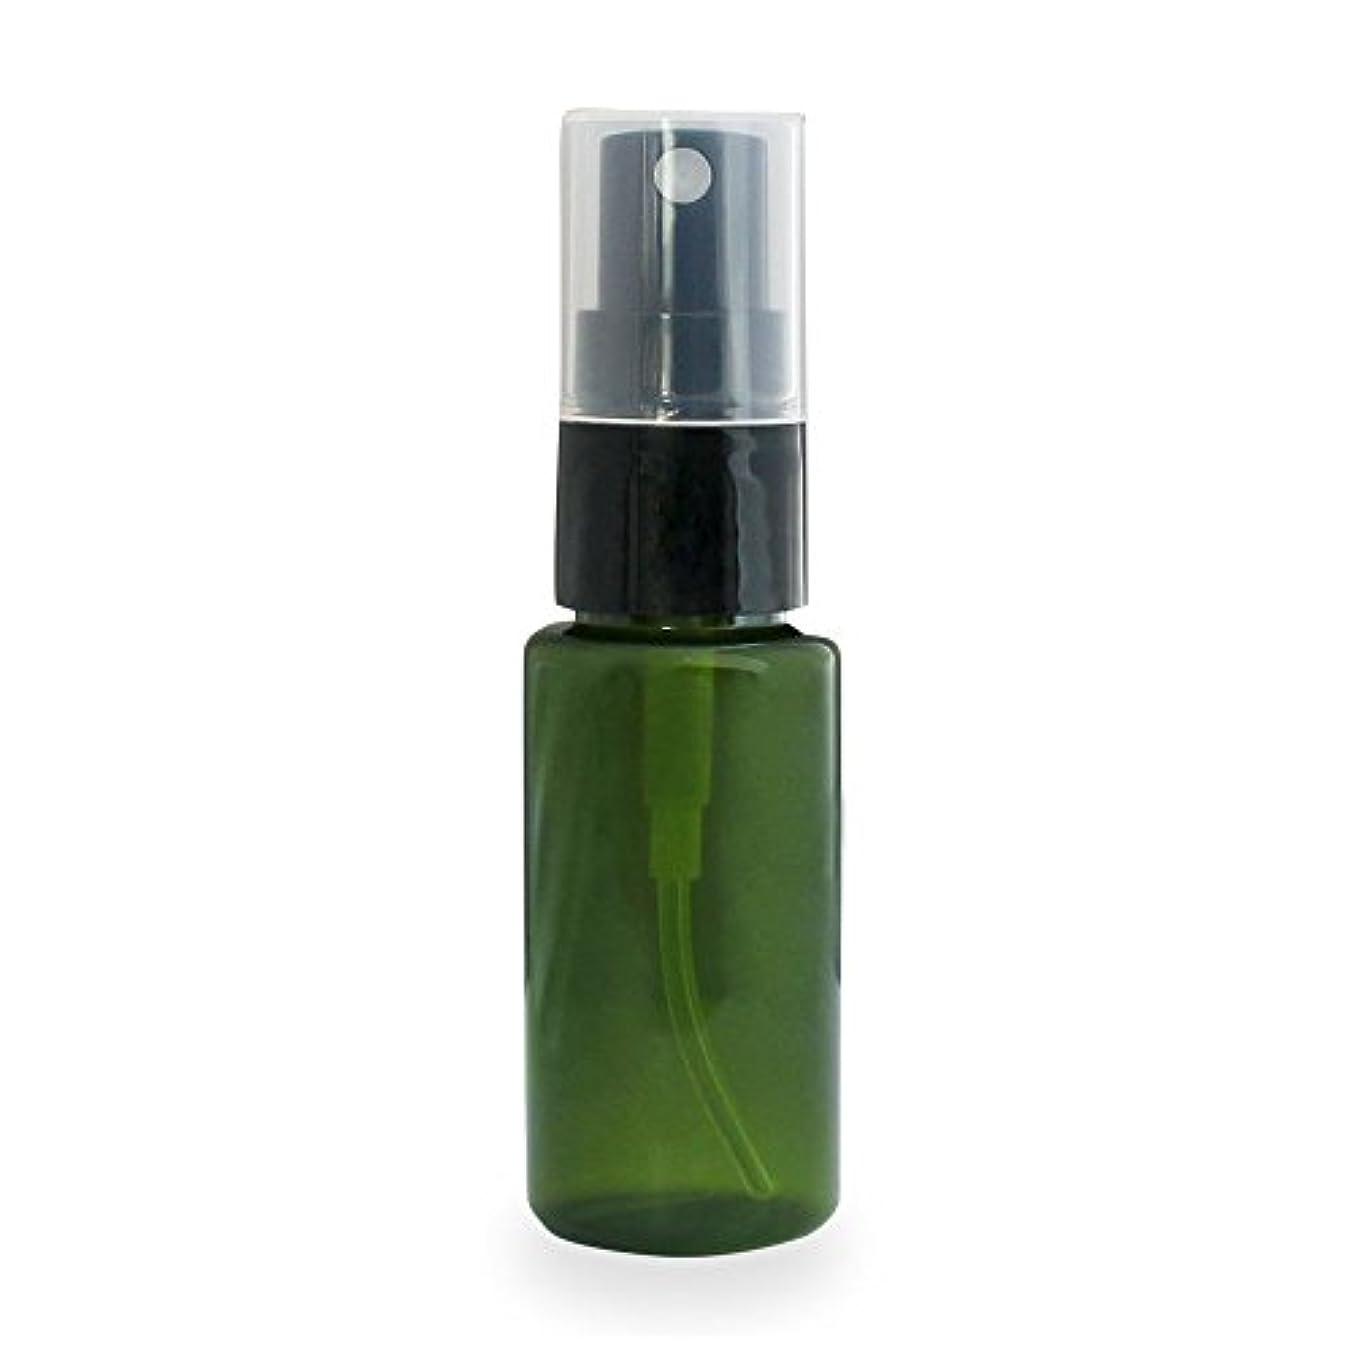 パーツ援助トリップスプレーボトル30ml(グリーン)(プラスチック容器 オイル用空瓶 プラスチック製-PET 空ボトル アロマスプレー)